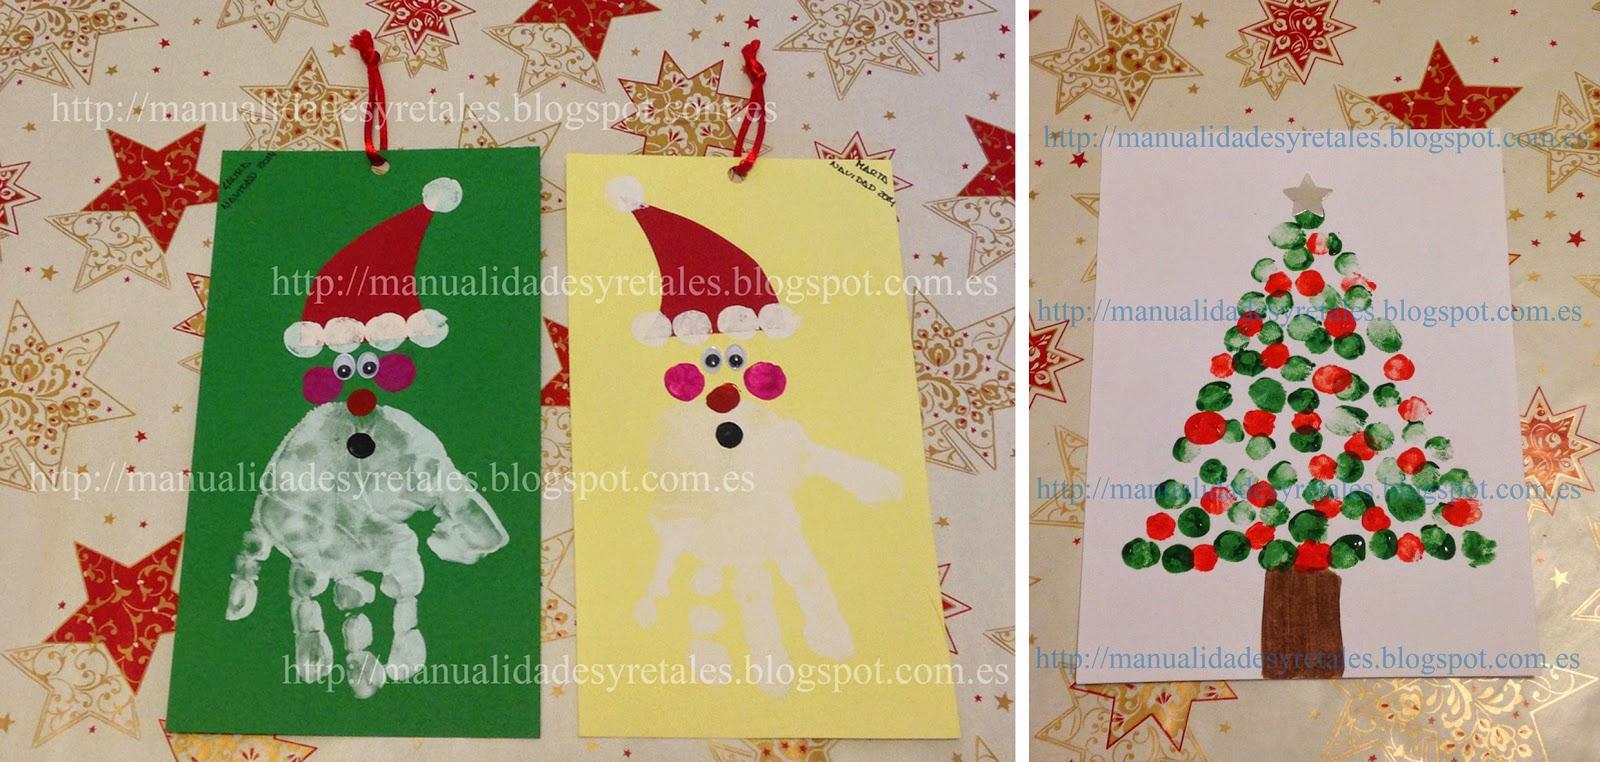 Manualidades y retales postal navide a pintura ni os - Manualidades originales de navidad ...